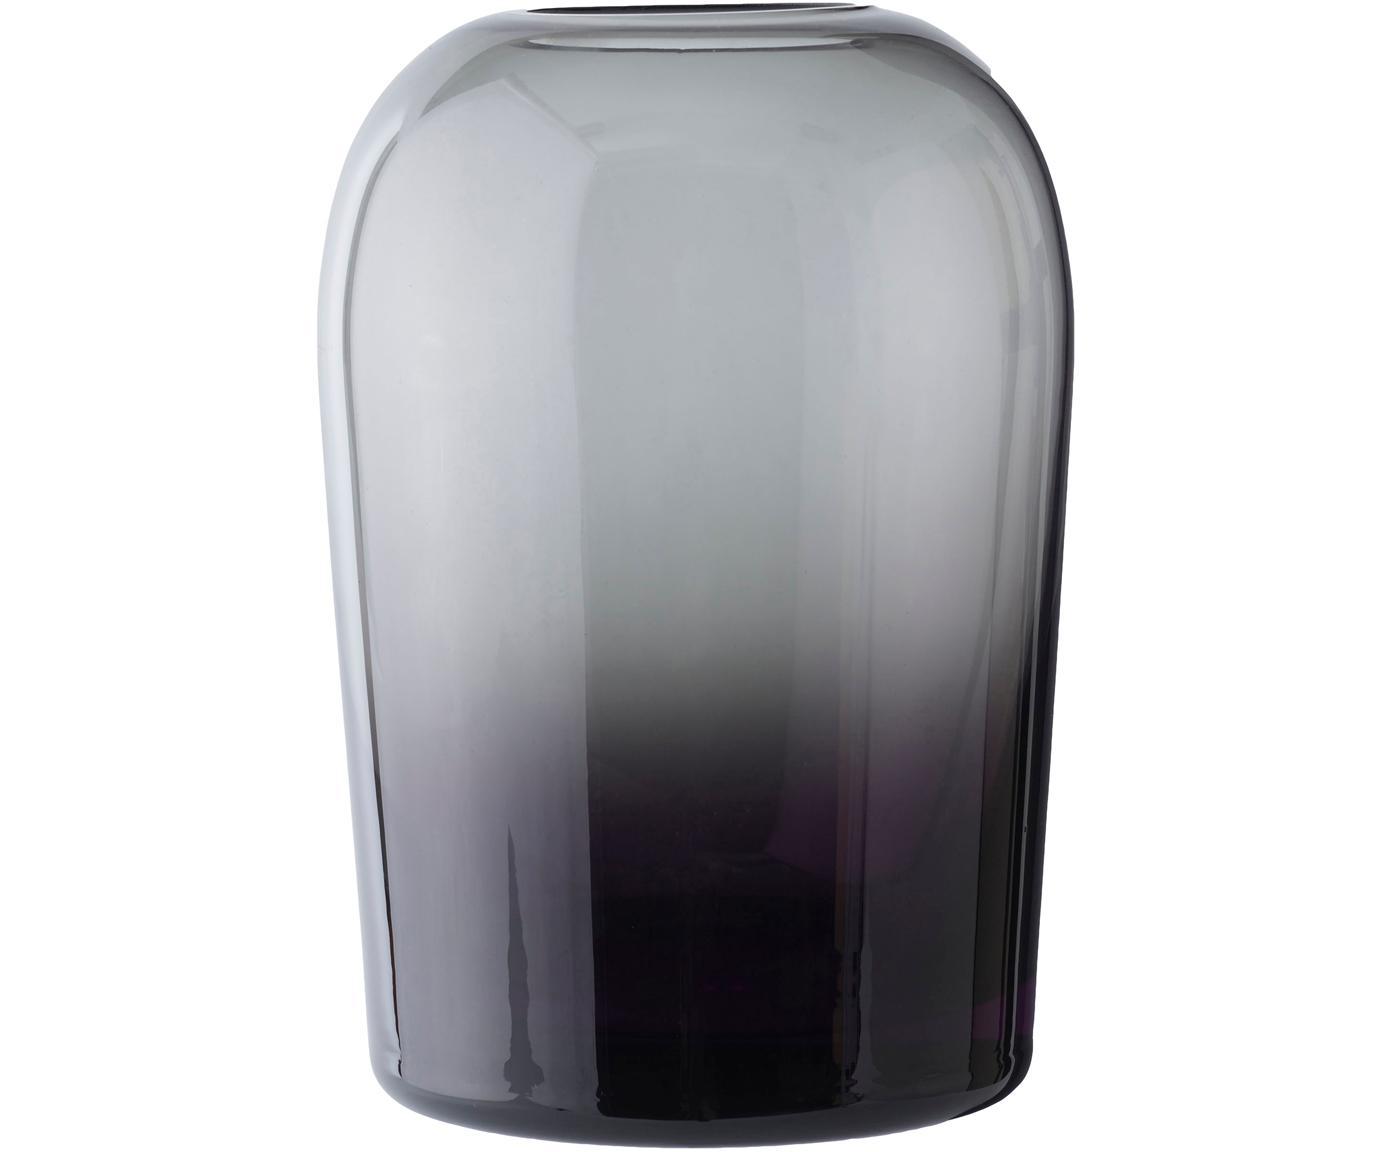 Mundgeblasene Vase Troll, Glas, mundgeblasen, Rauchgrau, Ø 13 cm